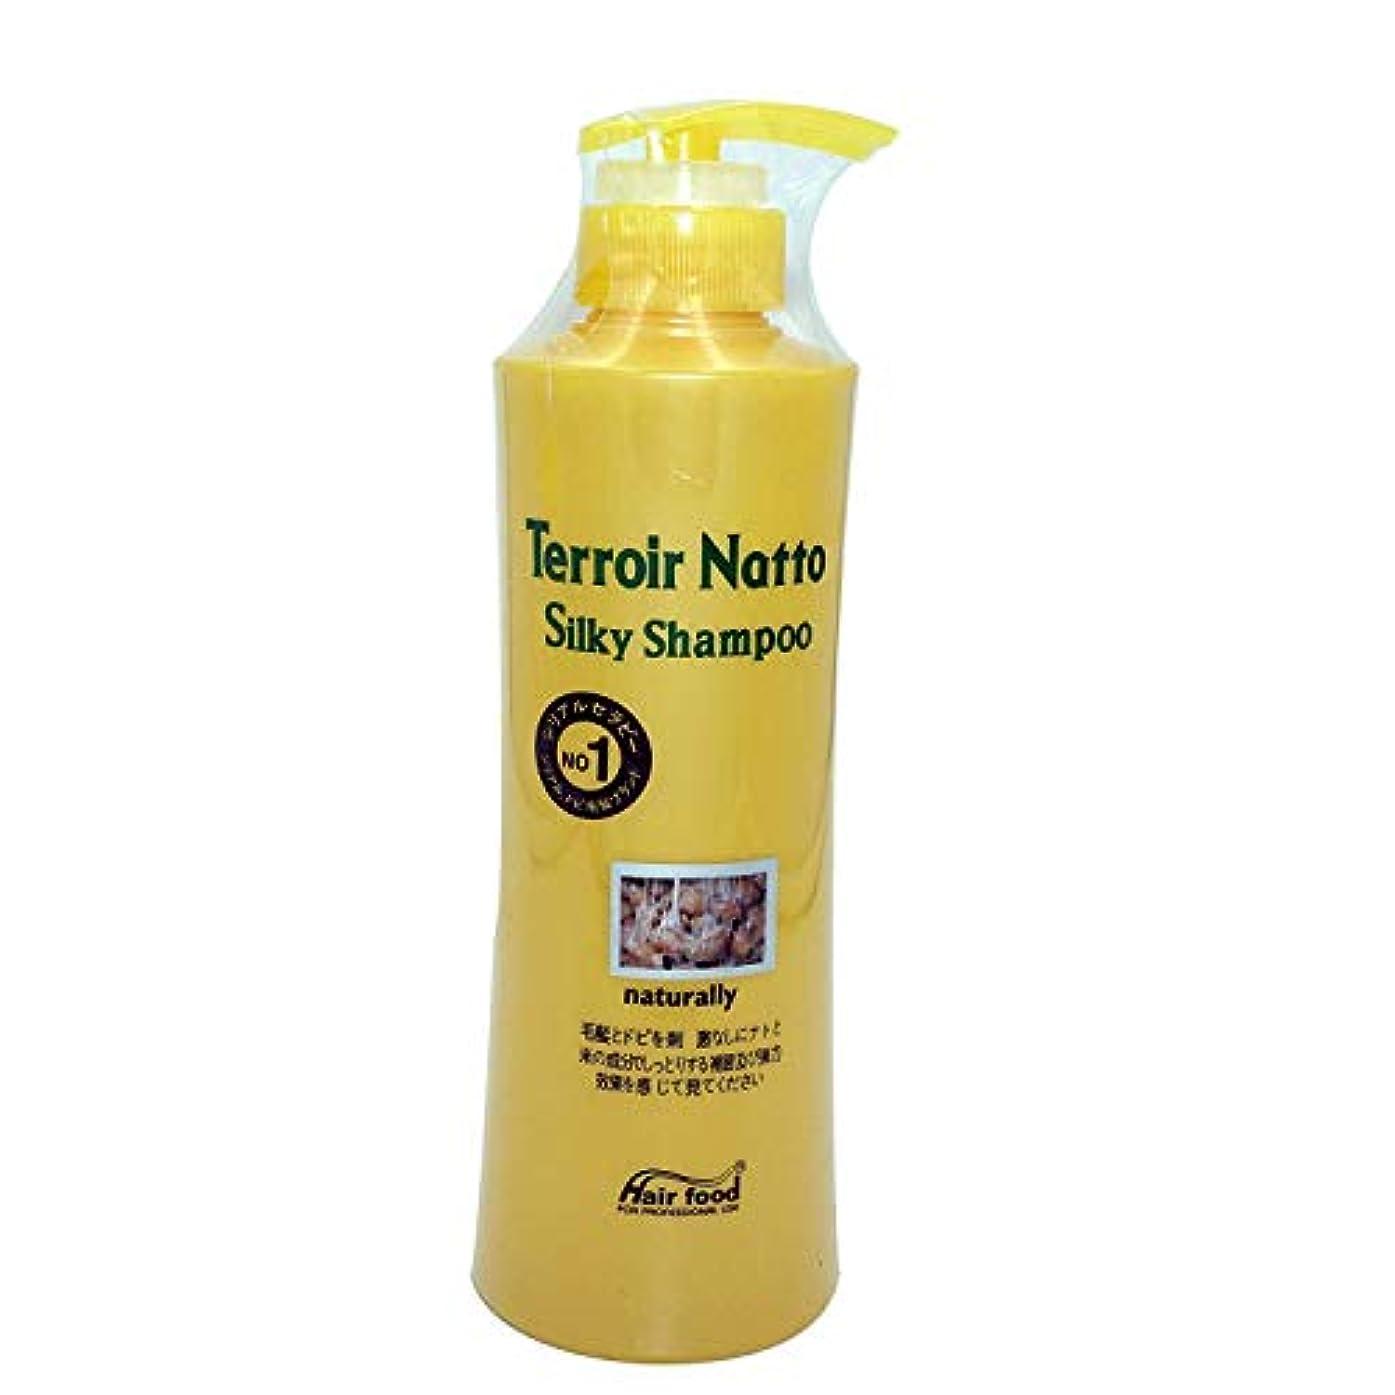 クラシカル議題謙虚なHair food テロワール納豆シルキーシャンプー500ml、乾燥薄毛とセンシティブな頭皮用 - ビタミンタンパクによる弾力ヘア (Terroir Natto Silky Shampoo 500ml for Dry Thin Hair and Sensitive Scalp - Elastic Hair by Vitamin Protein)[並行輸入品]